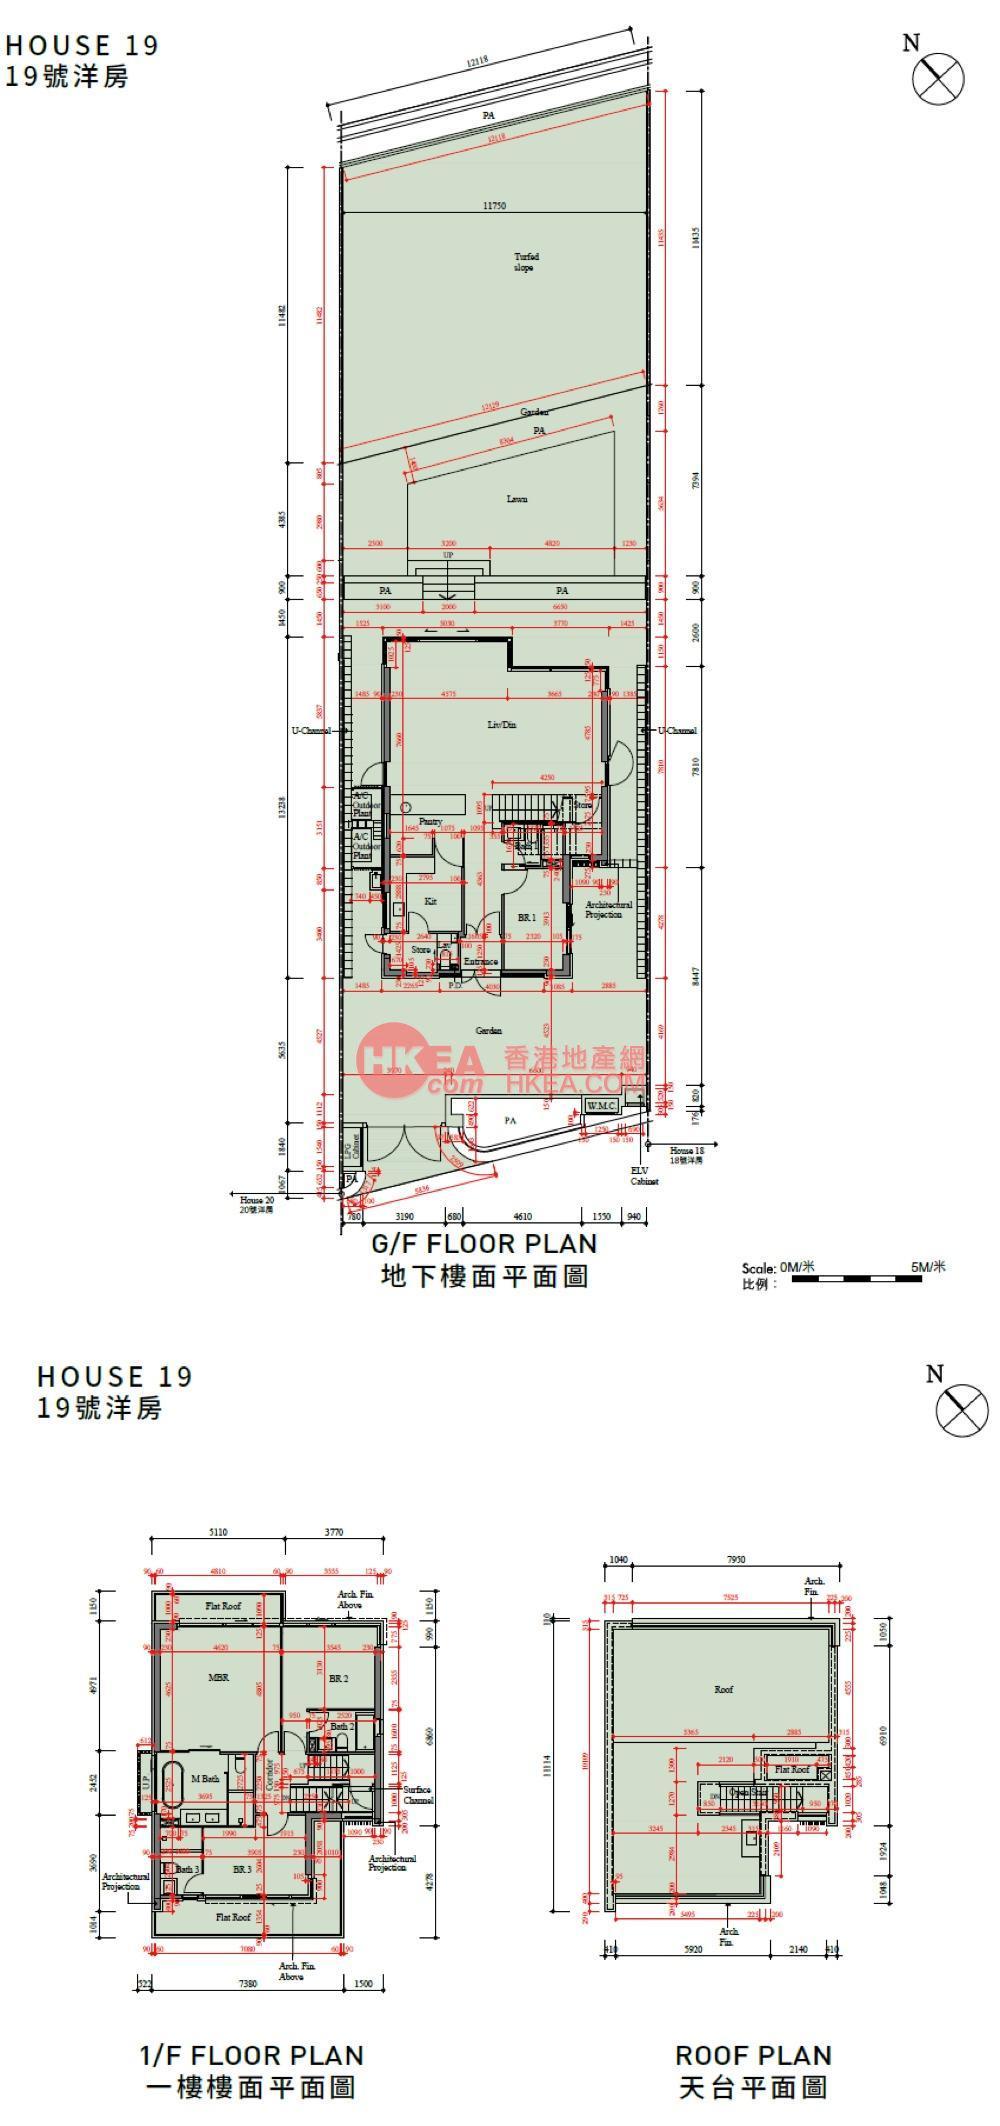 愉景灣 意峰洋房 19|()